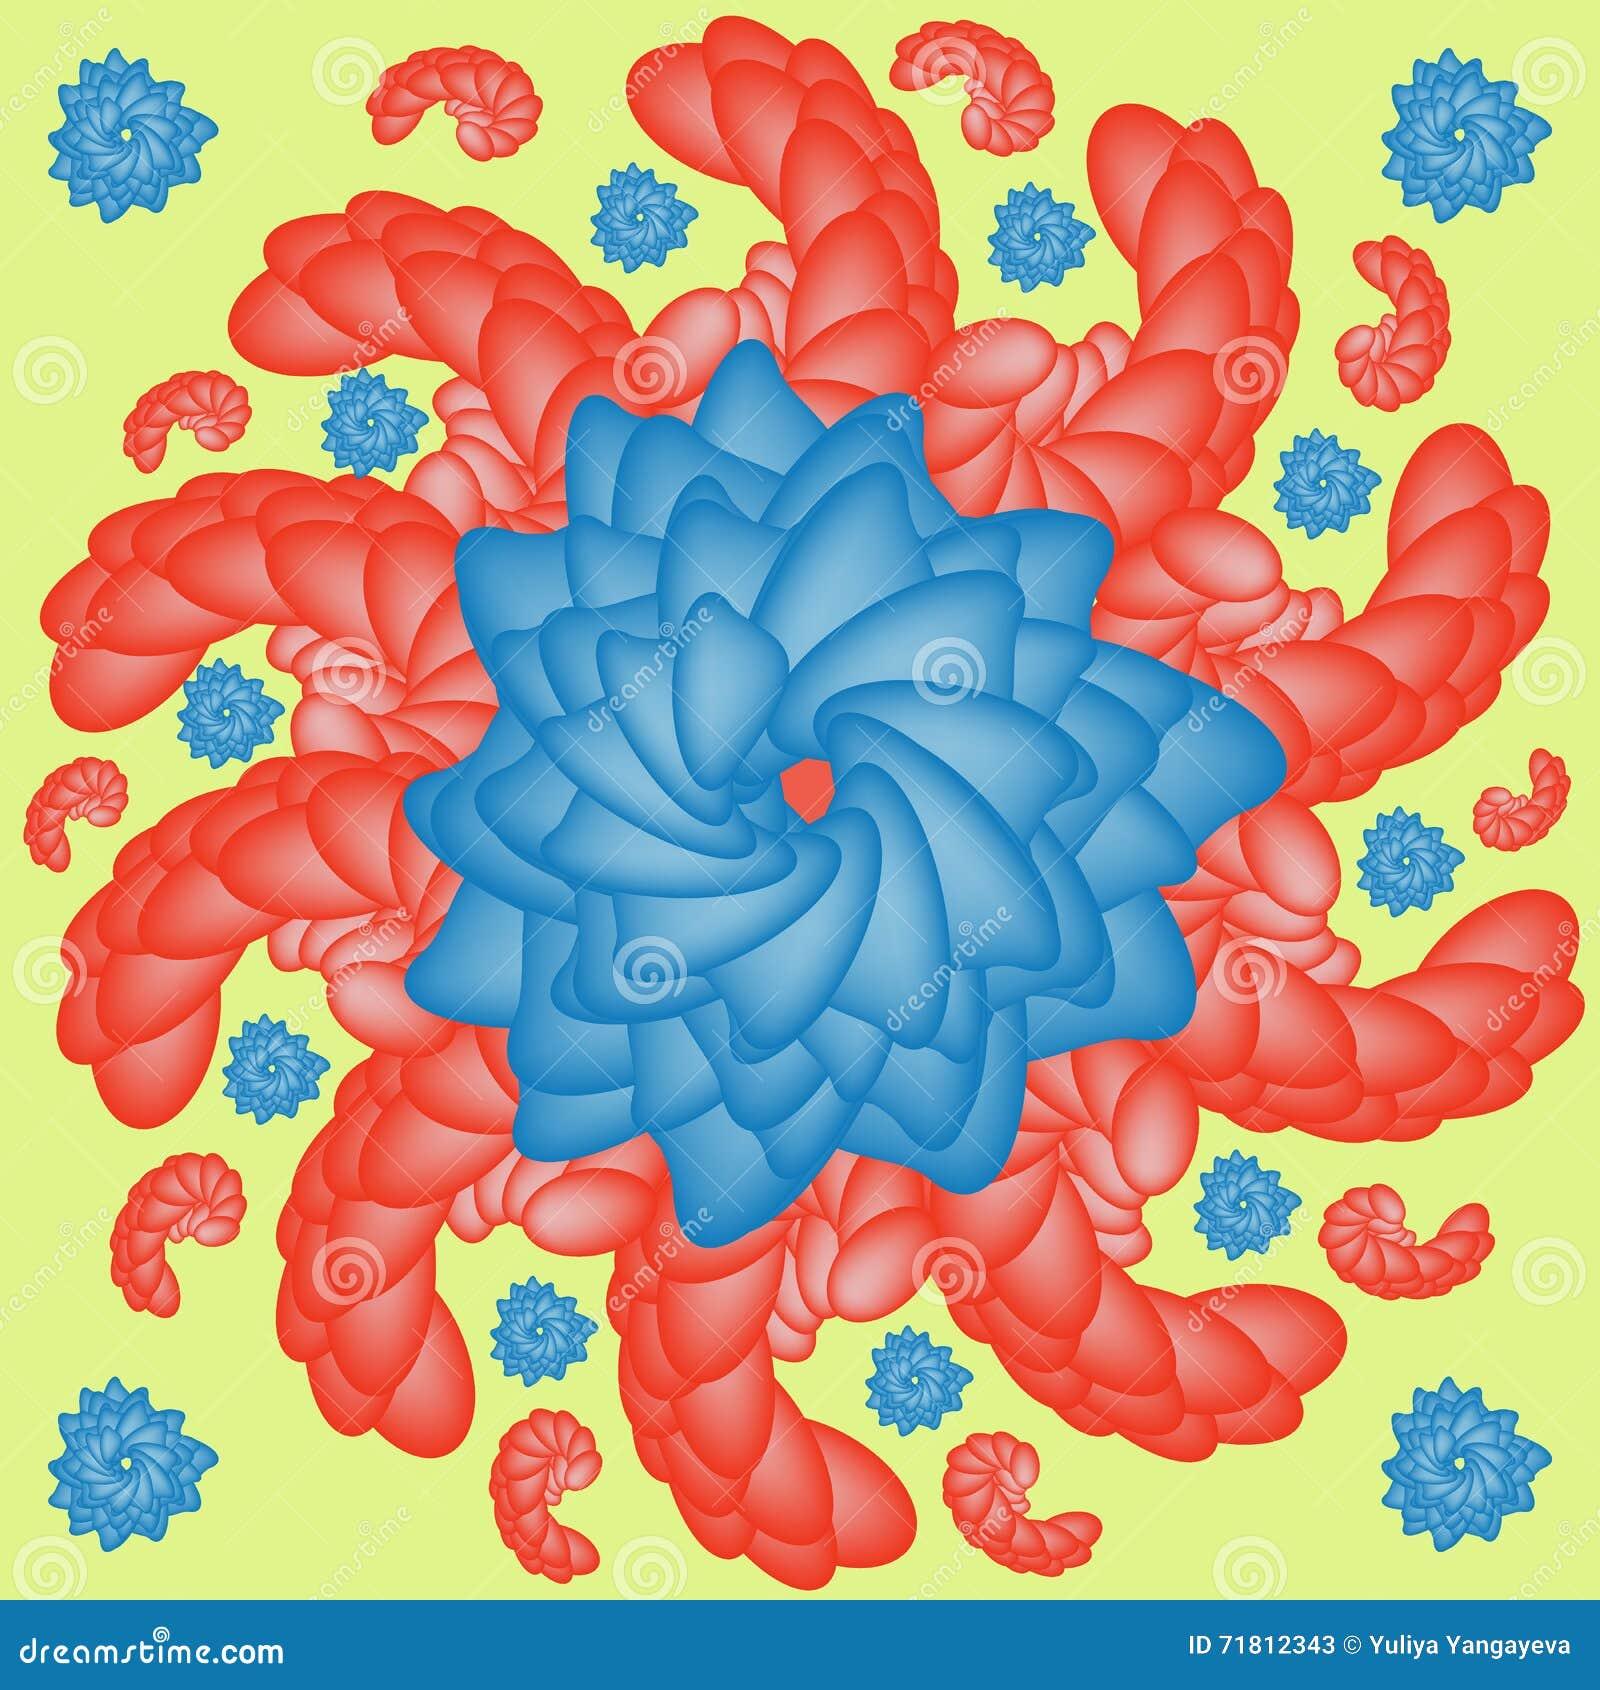 Flower Shrimp Stock Vector Illustration Of Blue Graphic 71812343